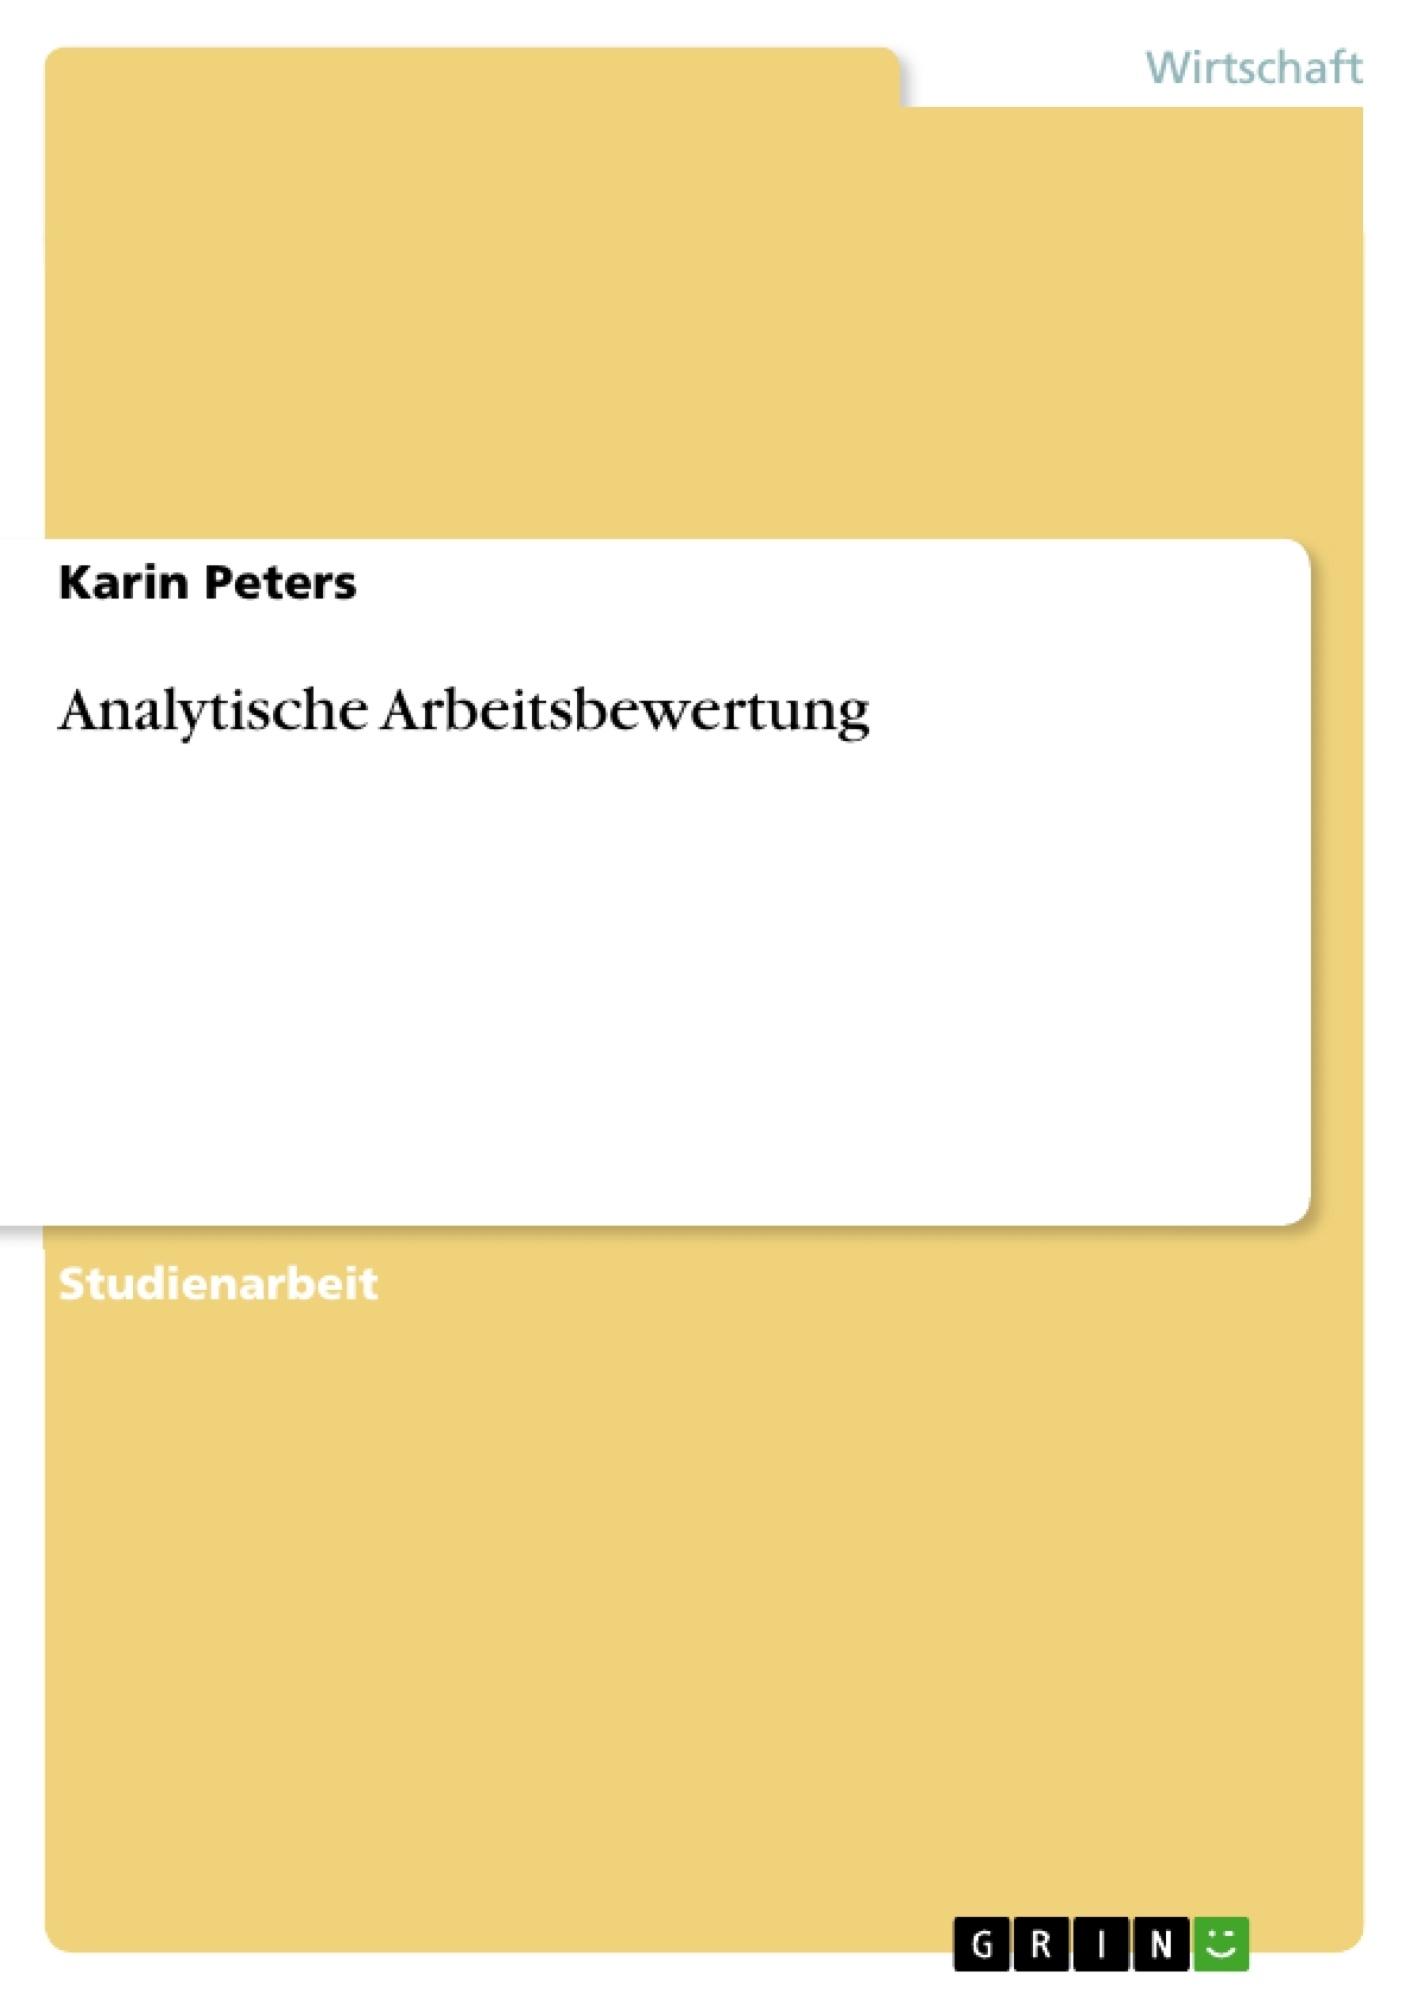 Titel: Analytische Arbeitsbewertung